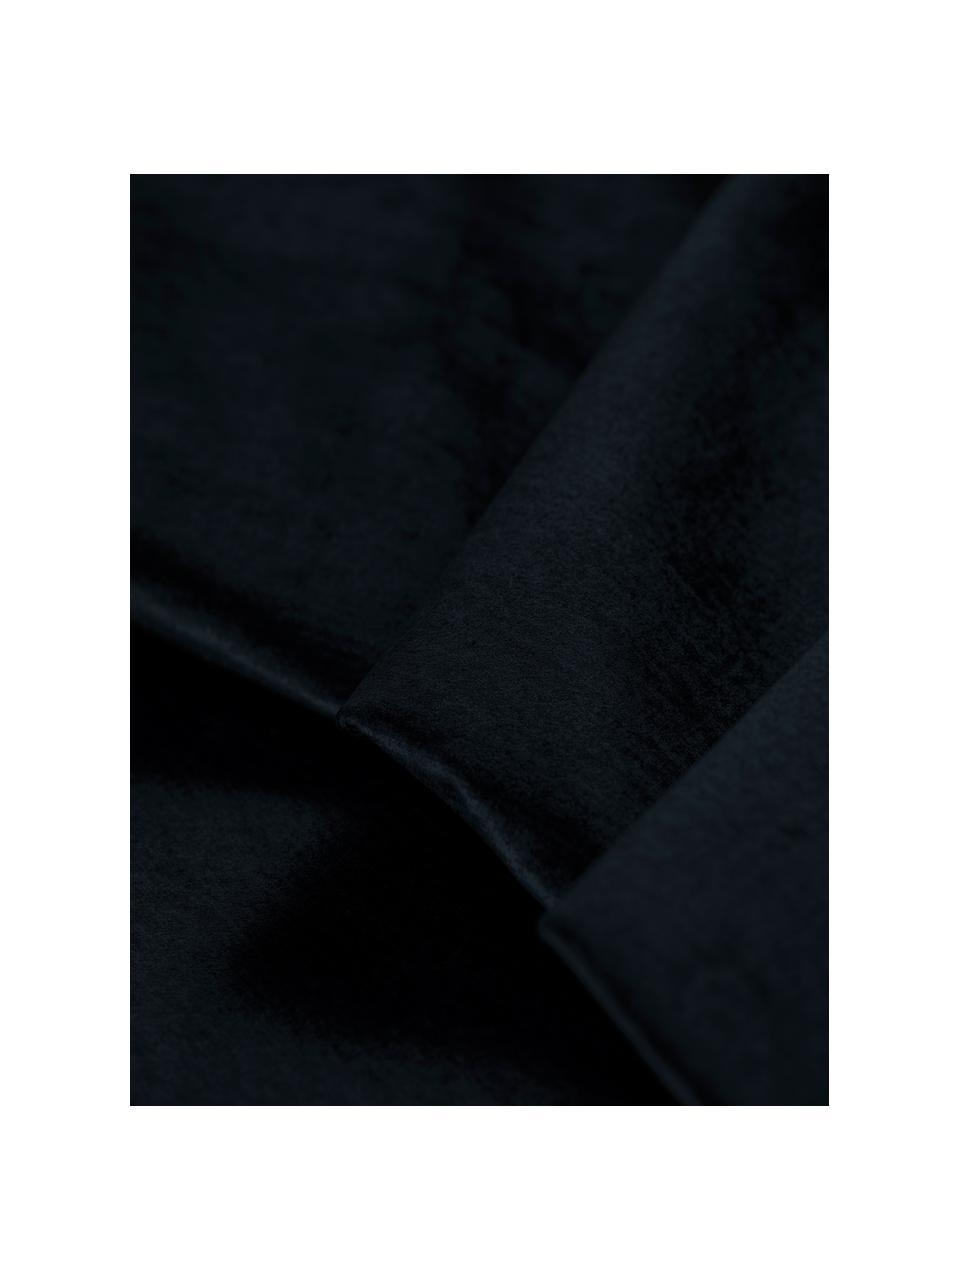 Divano letto 3 posti in velluto blu scuro Byron, Blu scuro, Larg. 250 x Prof. 105 cm